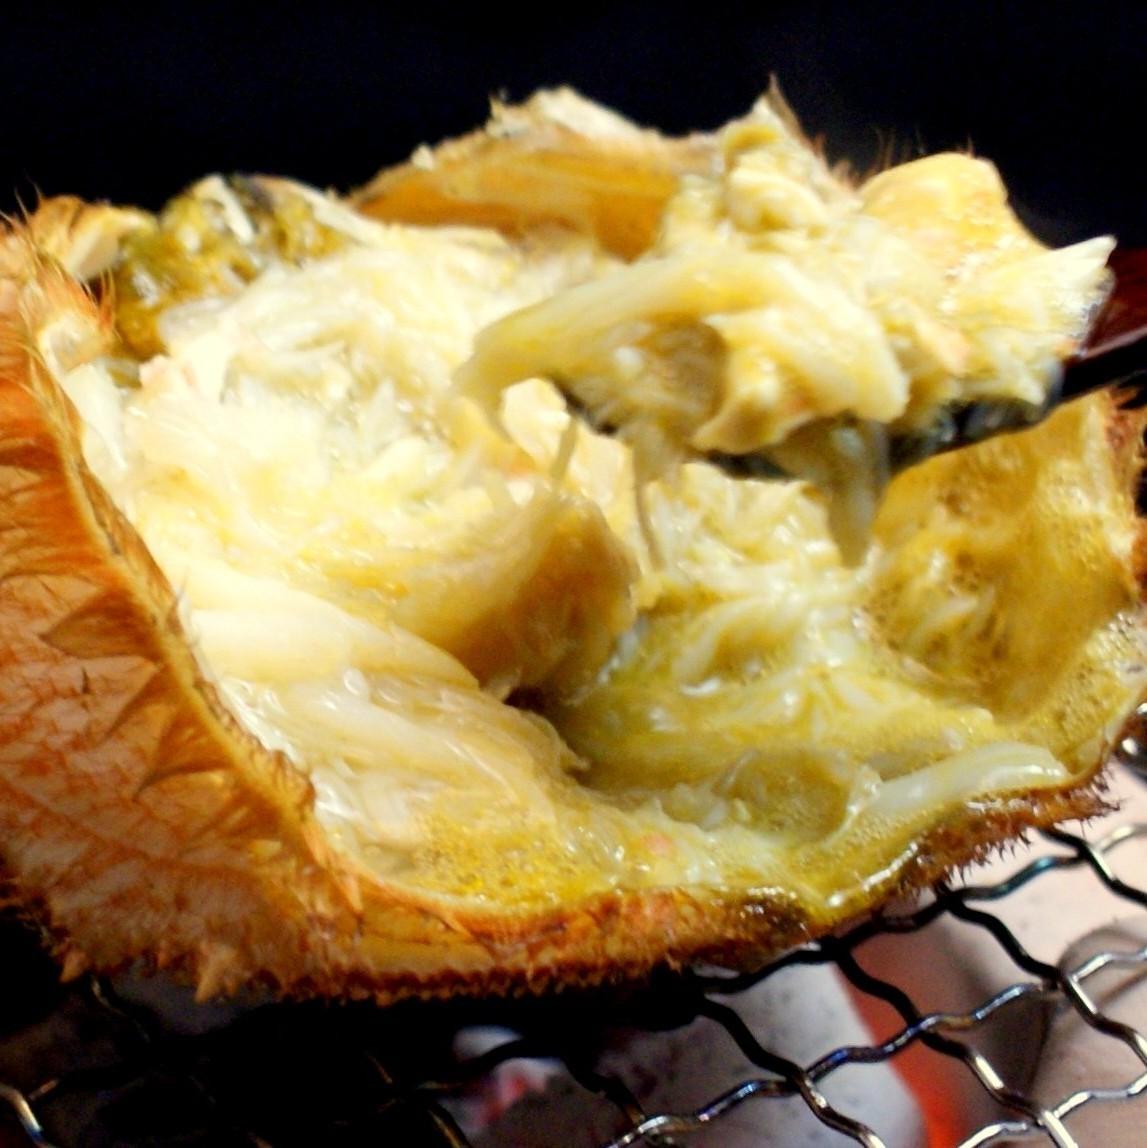 客人可以享用螃蟹的精心挑选具有丰富的蟹酱和优雅的甜头